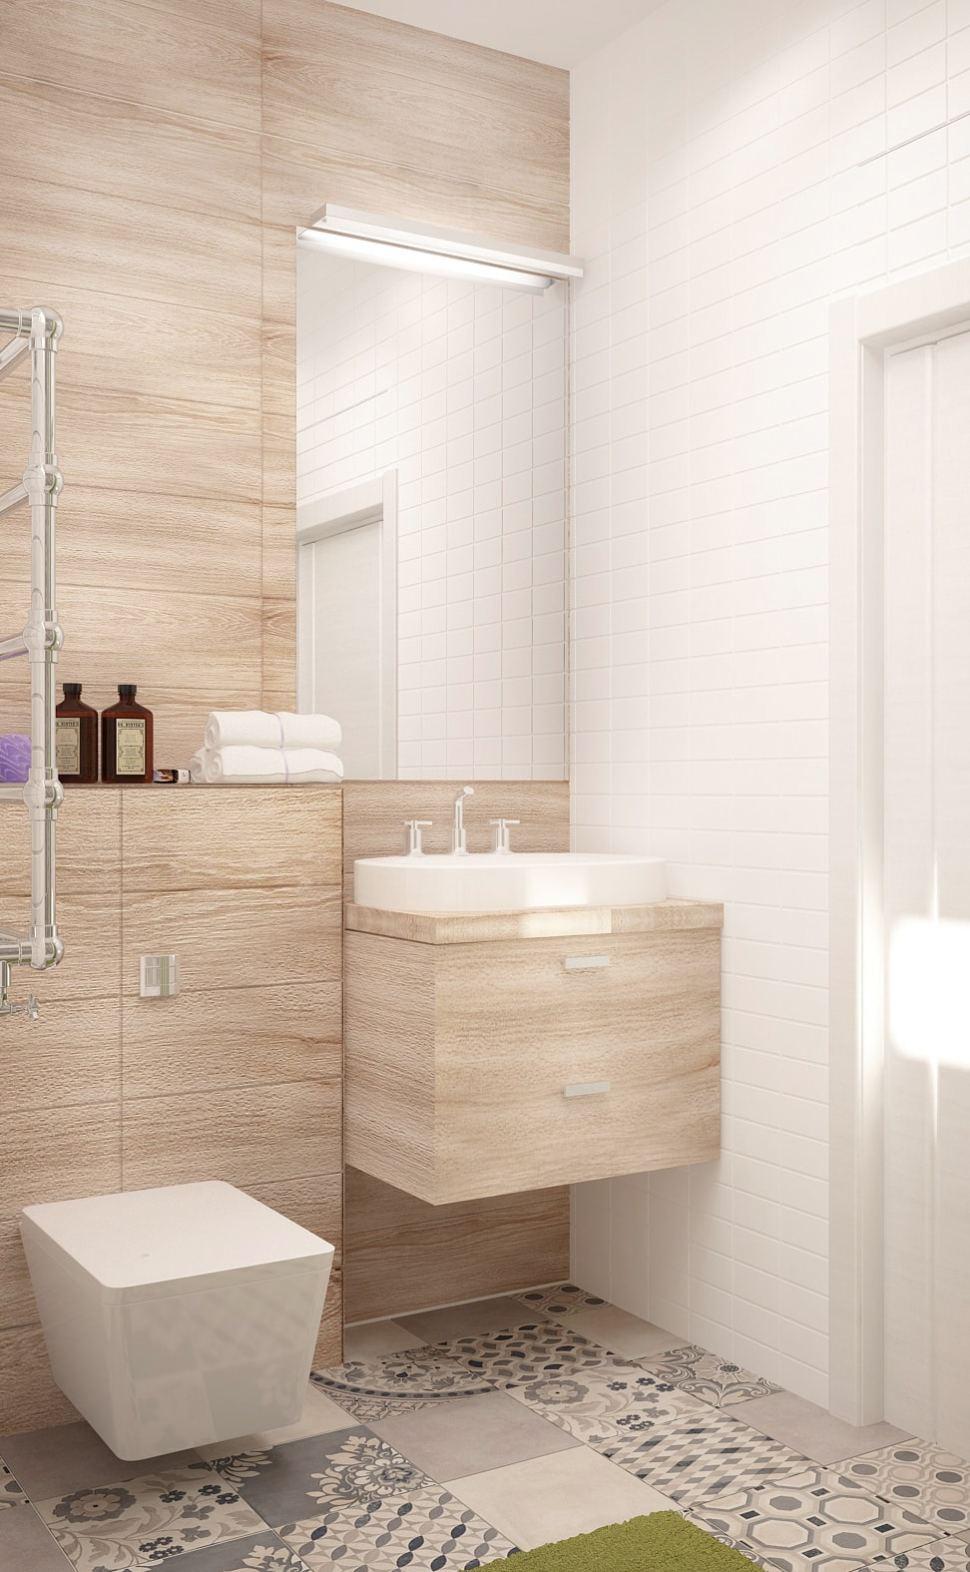 Дизайн ванной комнаты 5 кв.м в теплых тонах, унитаз, зеркало, бежевая тумба, полотенцесушитель, керамический гранит